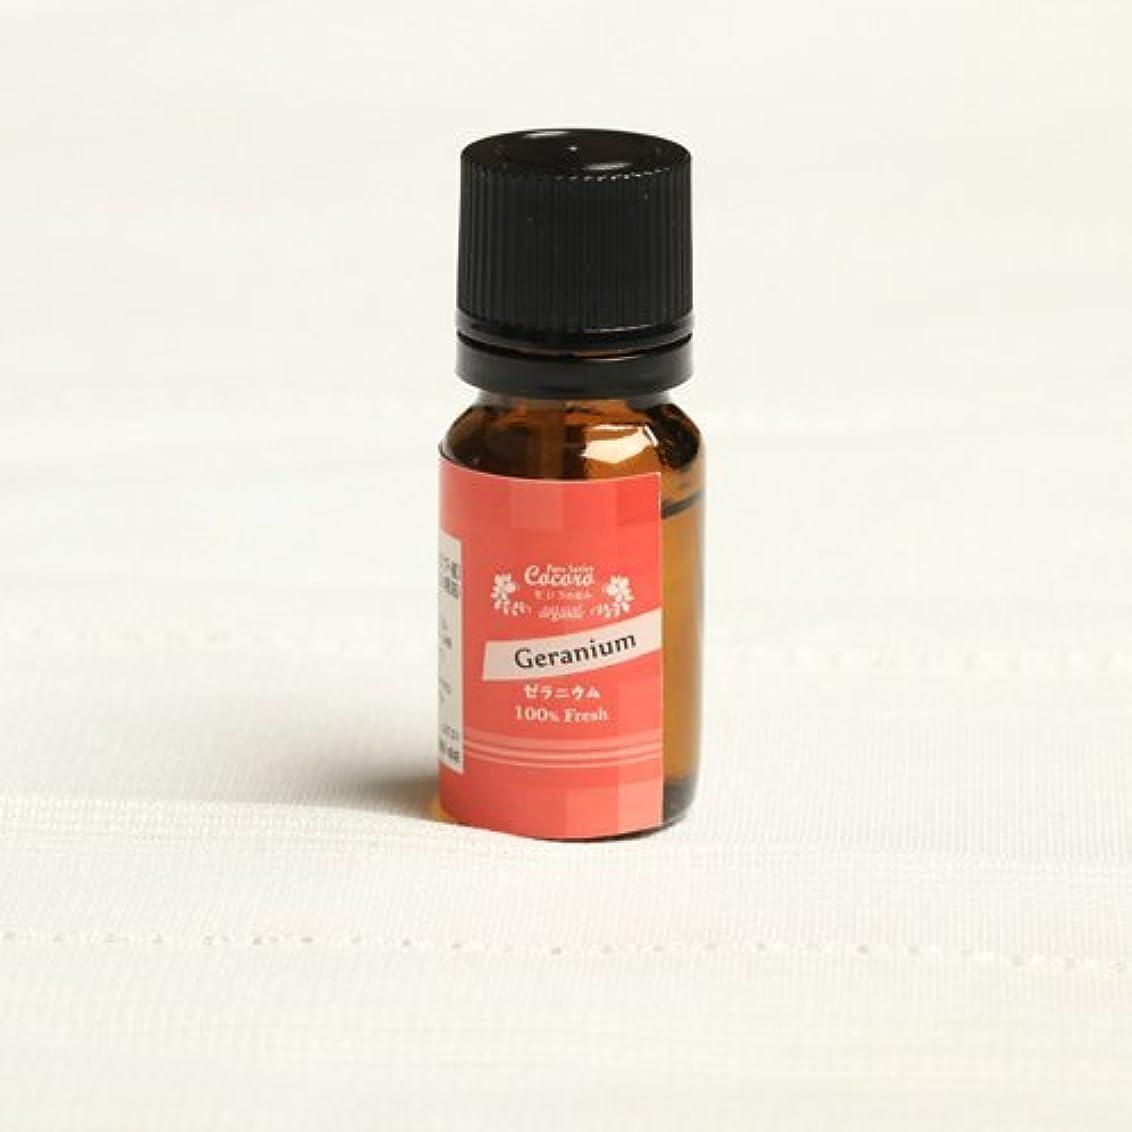 トリッキー習慣スキルゼラニウム 精油100% 2本セット